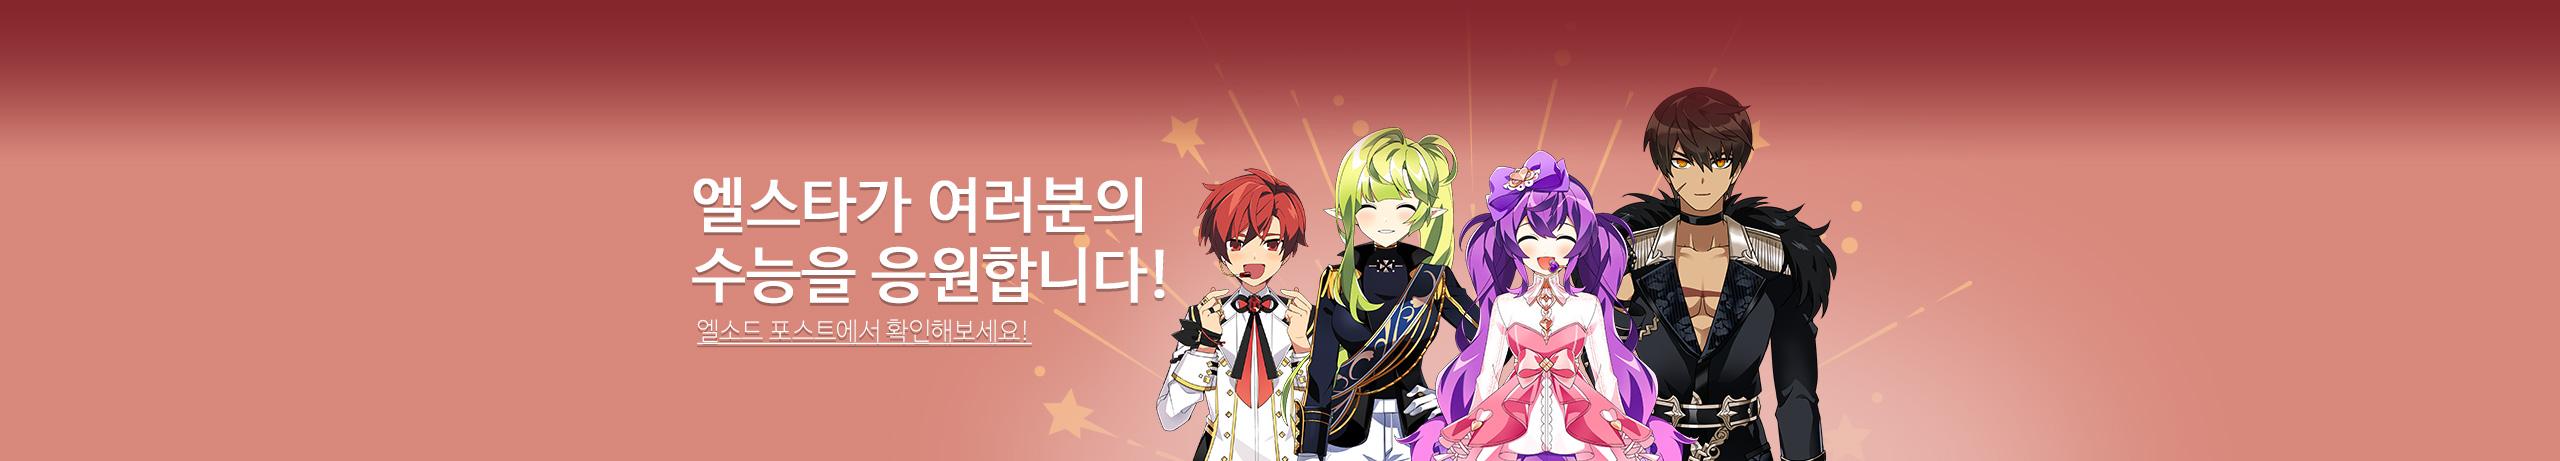 11/13(수) 신규 네이버 포스트(수능 응원)